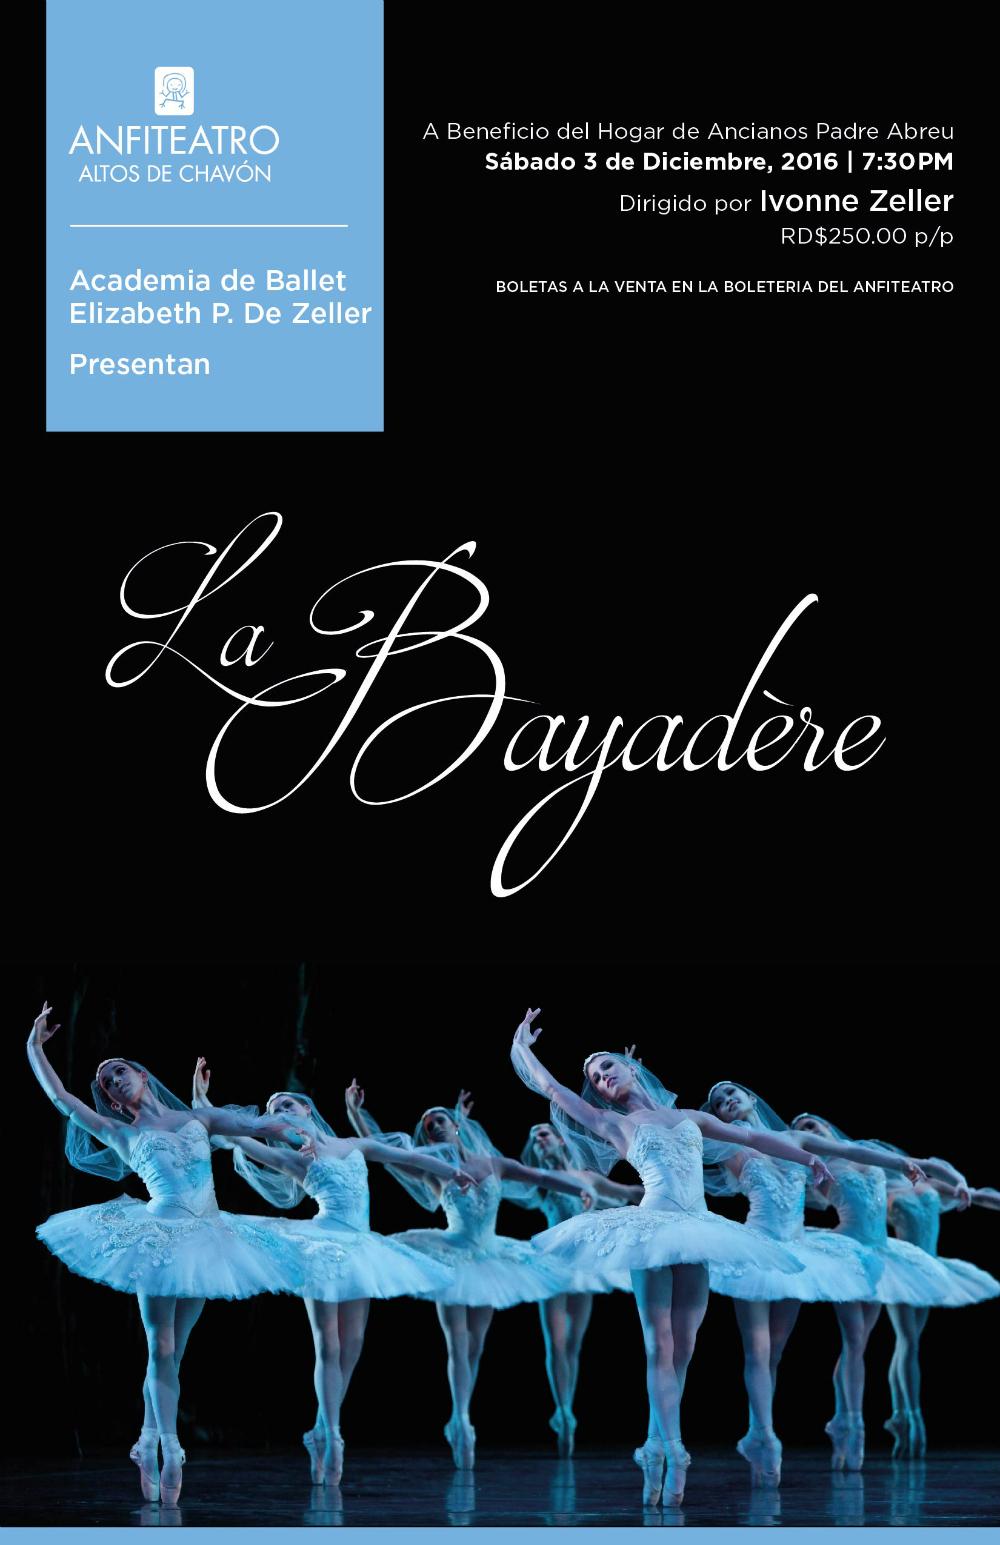 ballet-2016-arte-definitivo-02